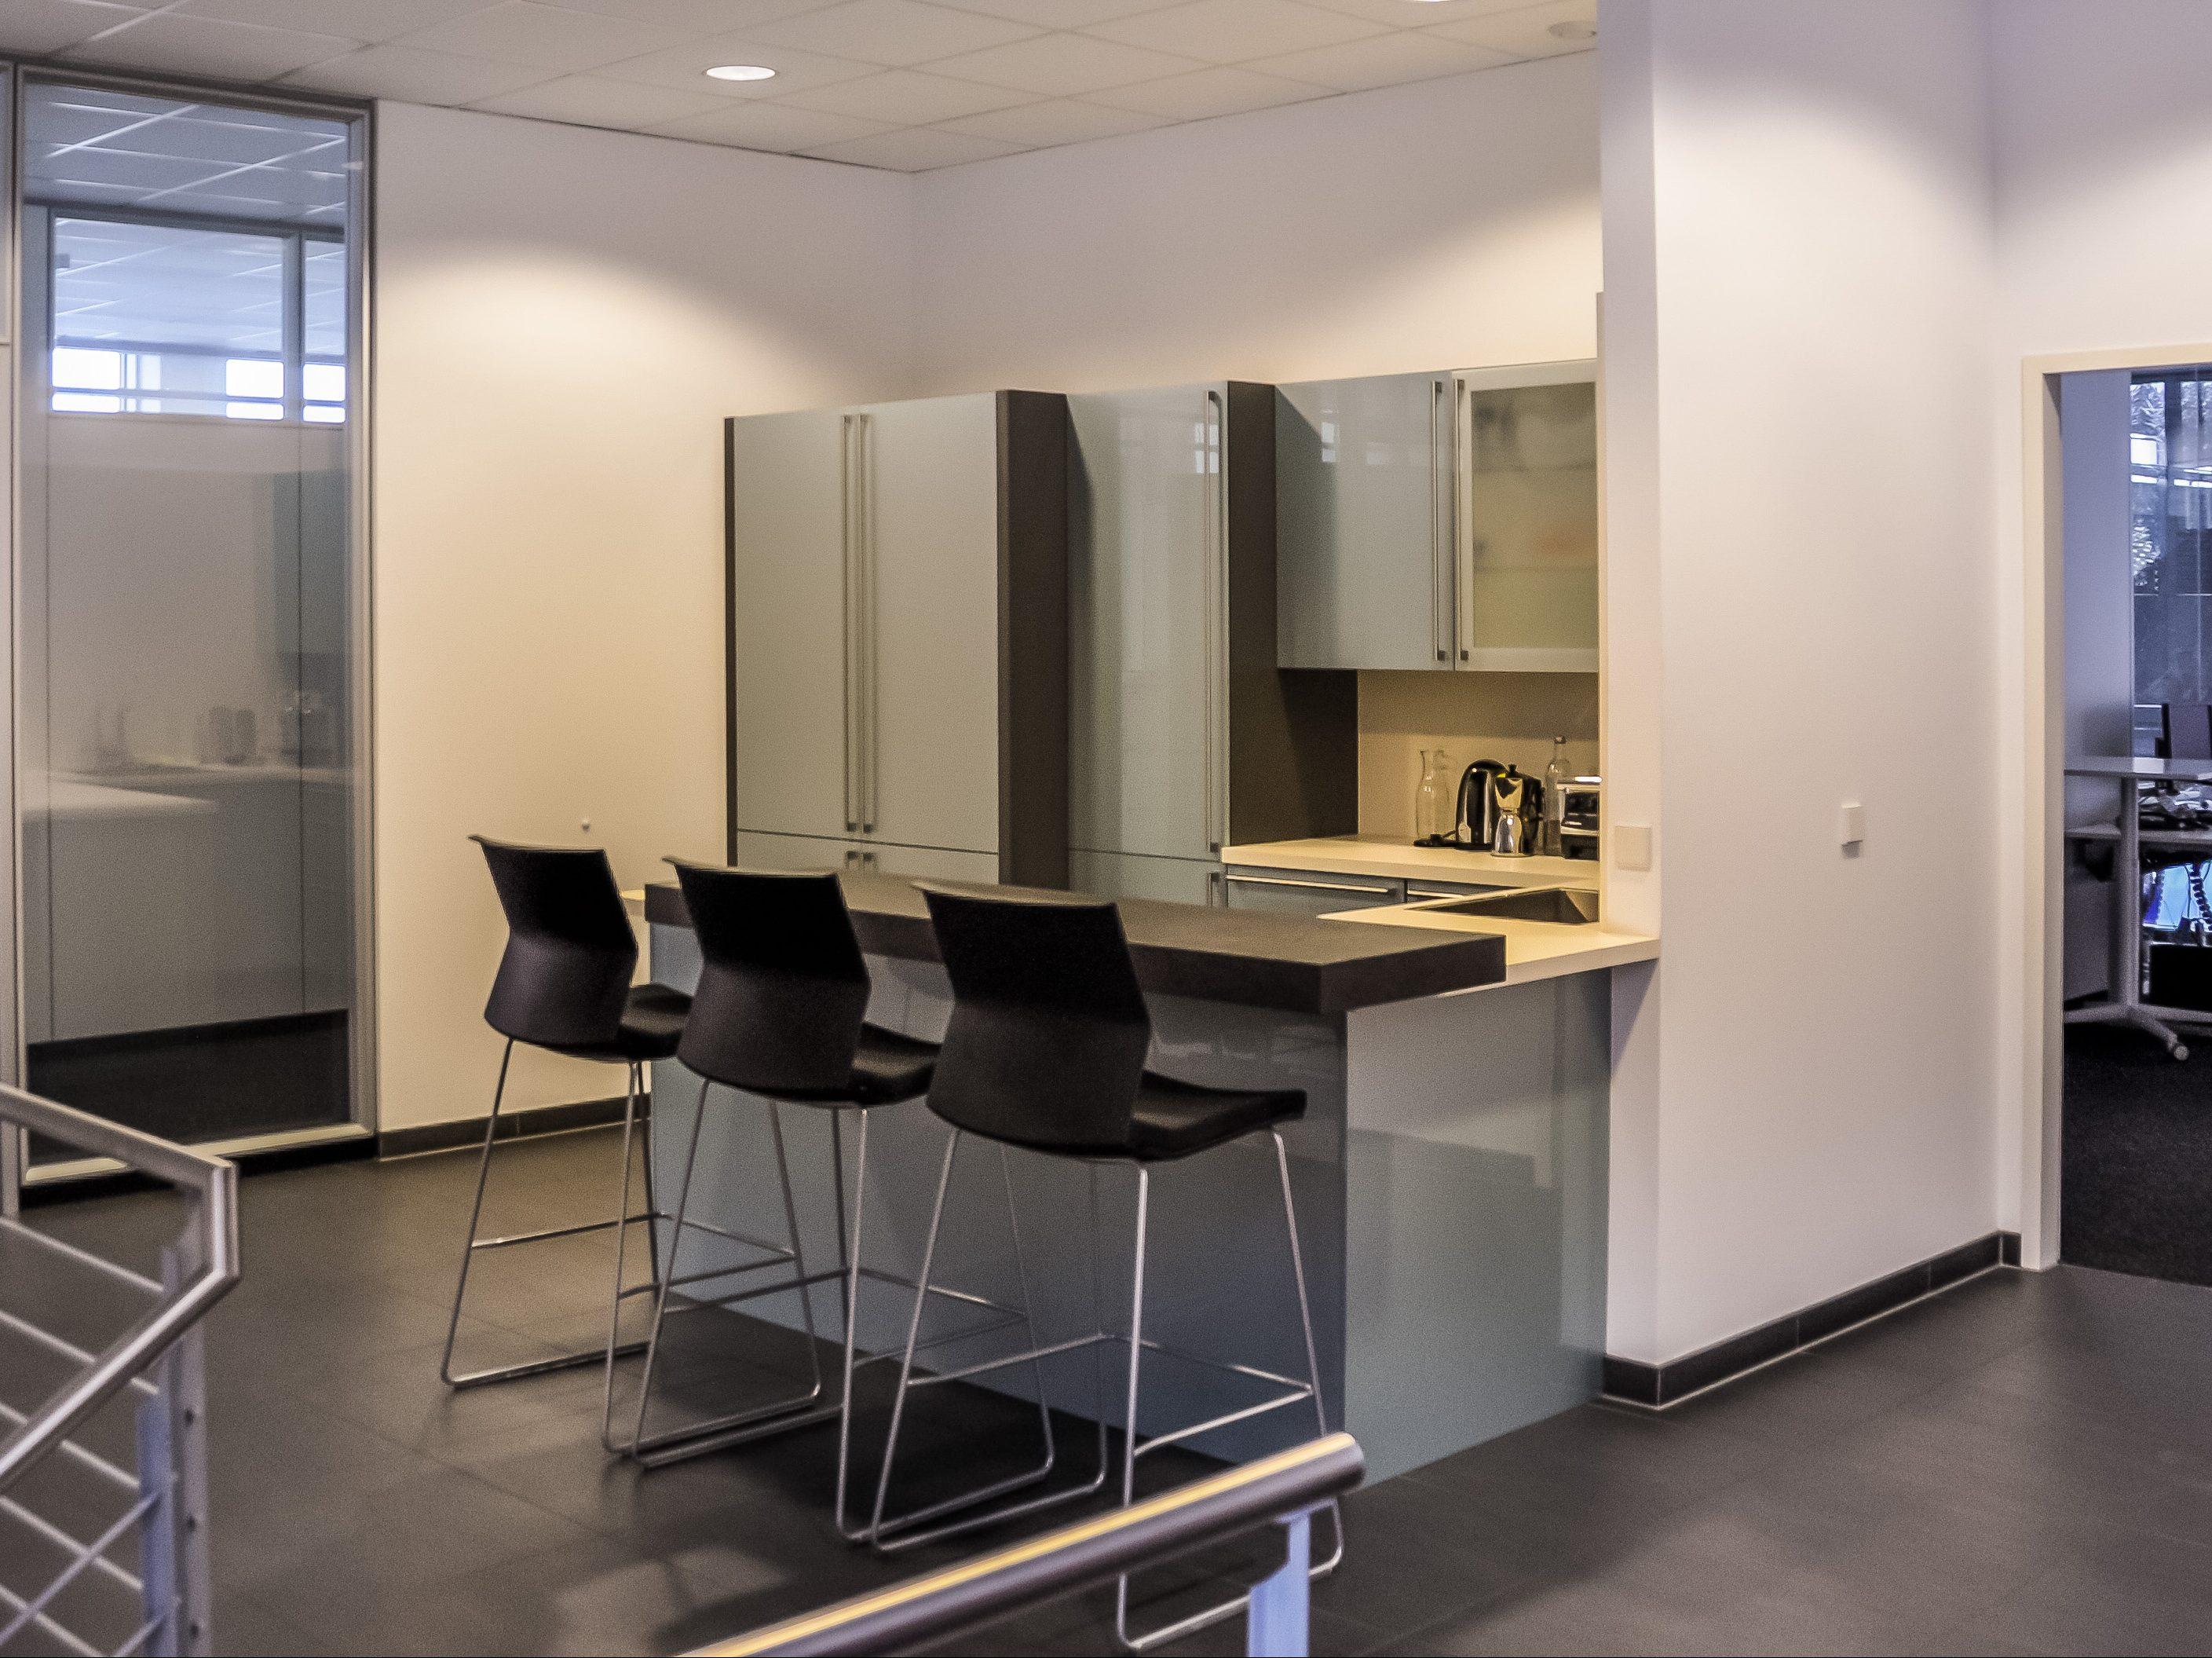 Ein offener Treffpunkt für Mitarbeiter im Verwaltungsgebäude